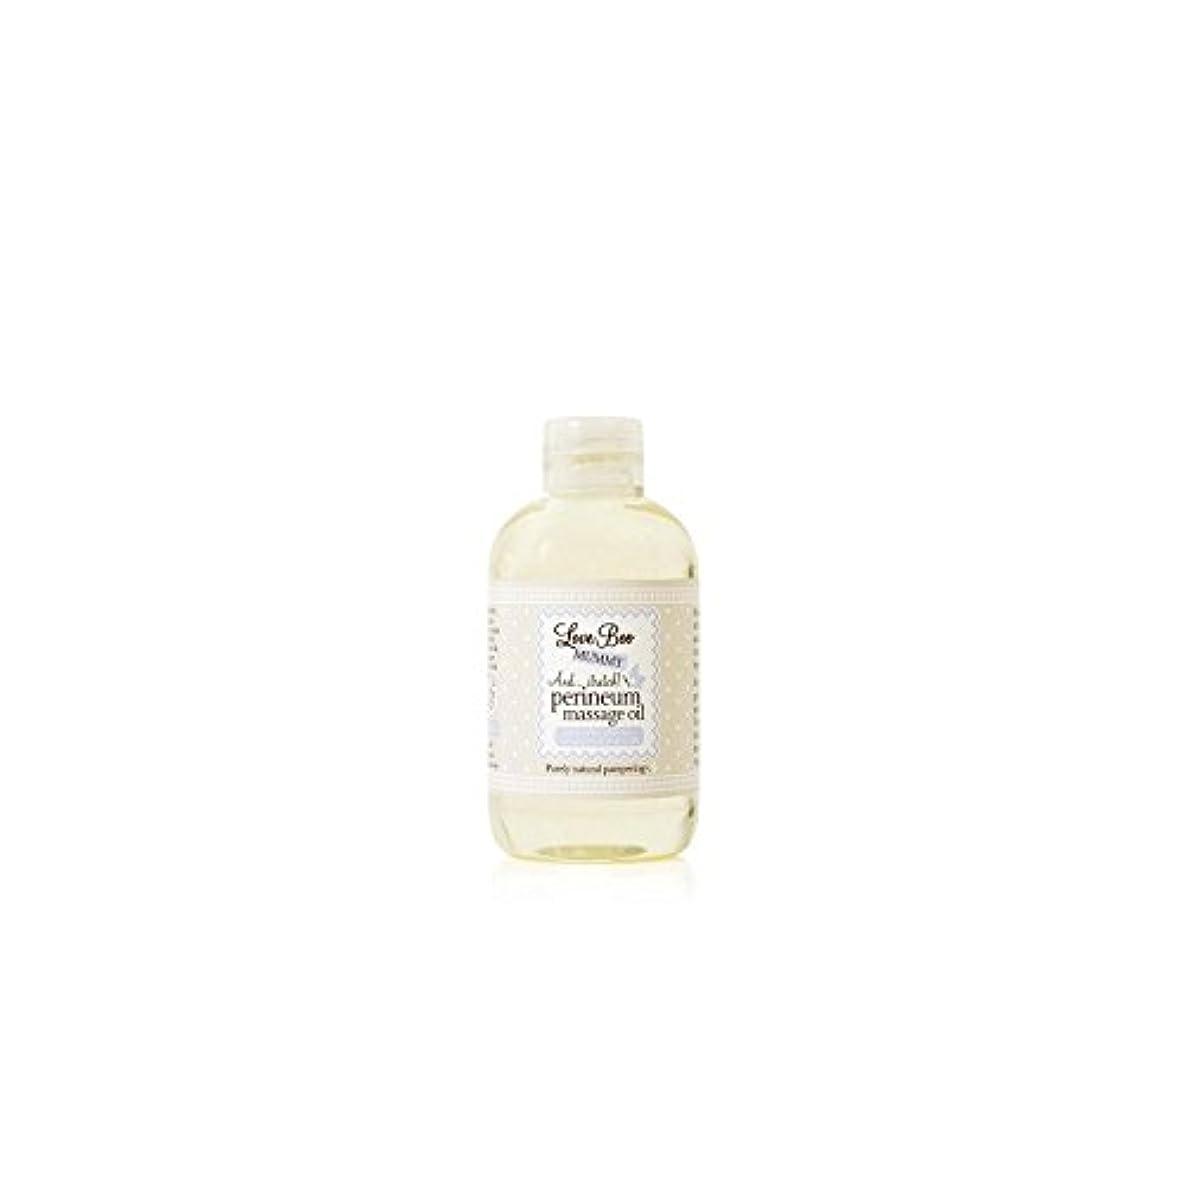 ボンドタンパク質電子Love Boo Perineum Massage Oil (100ml) (Pack of 6) - 会陰マッサージオイル(100)にブーイングの愛 x6 [並行輸入品]